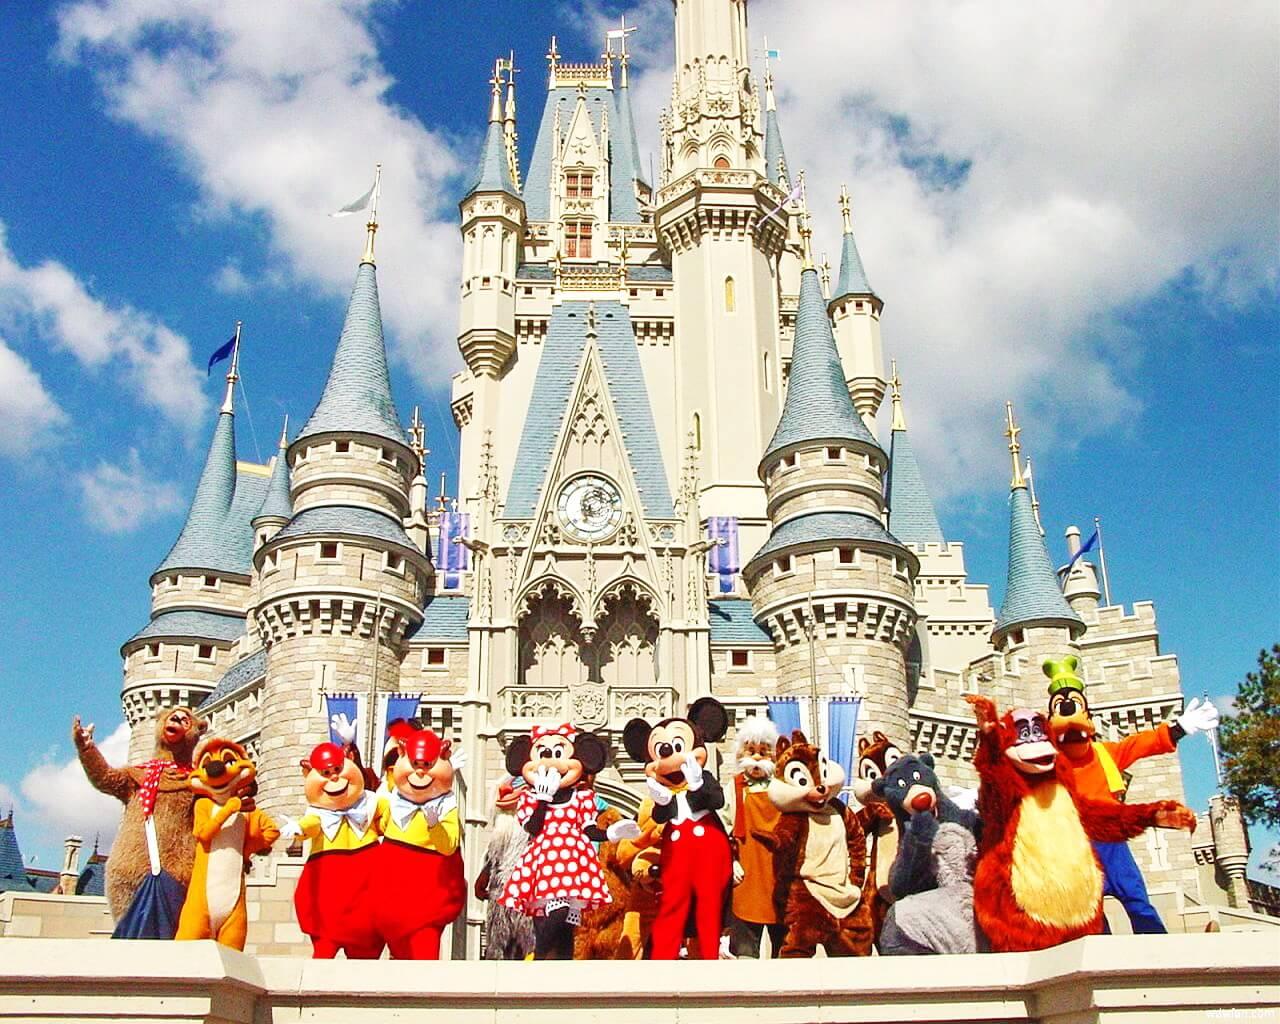 Діснейленд - мрія всіх дітей та дорослих потрапити в казку